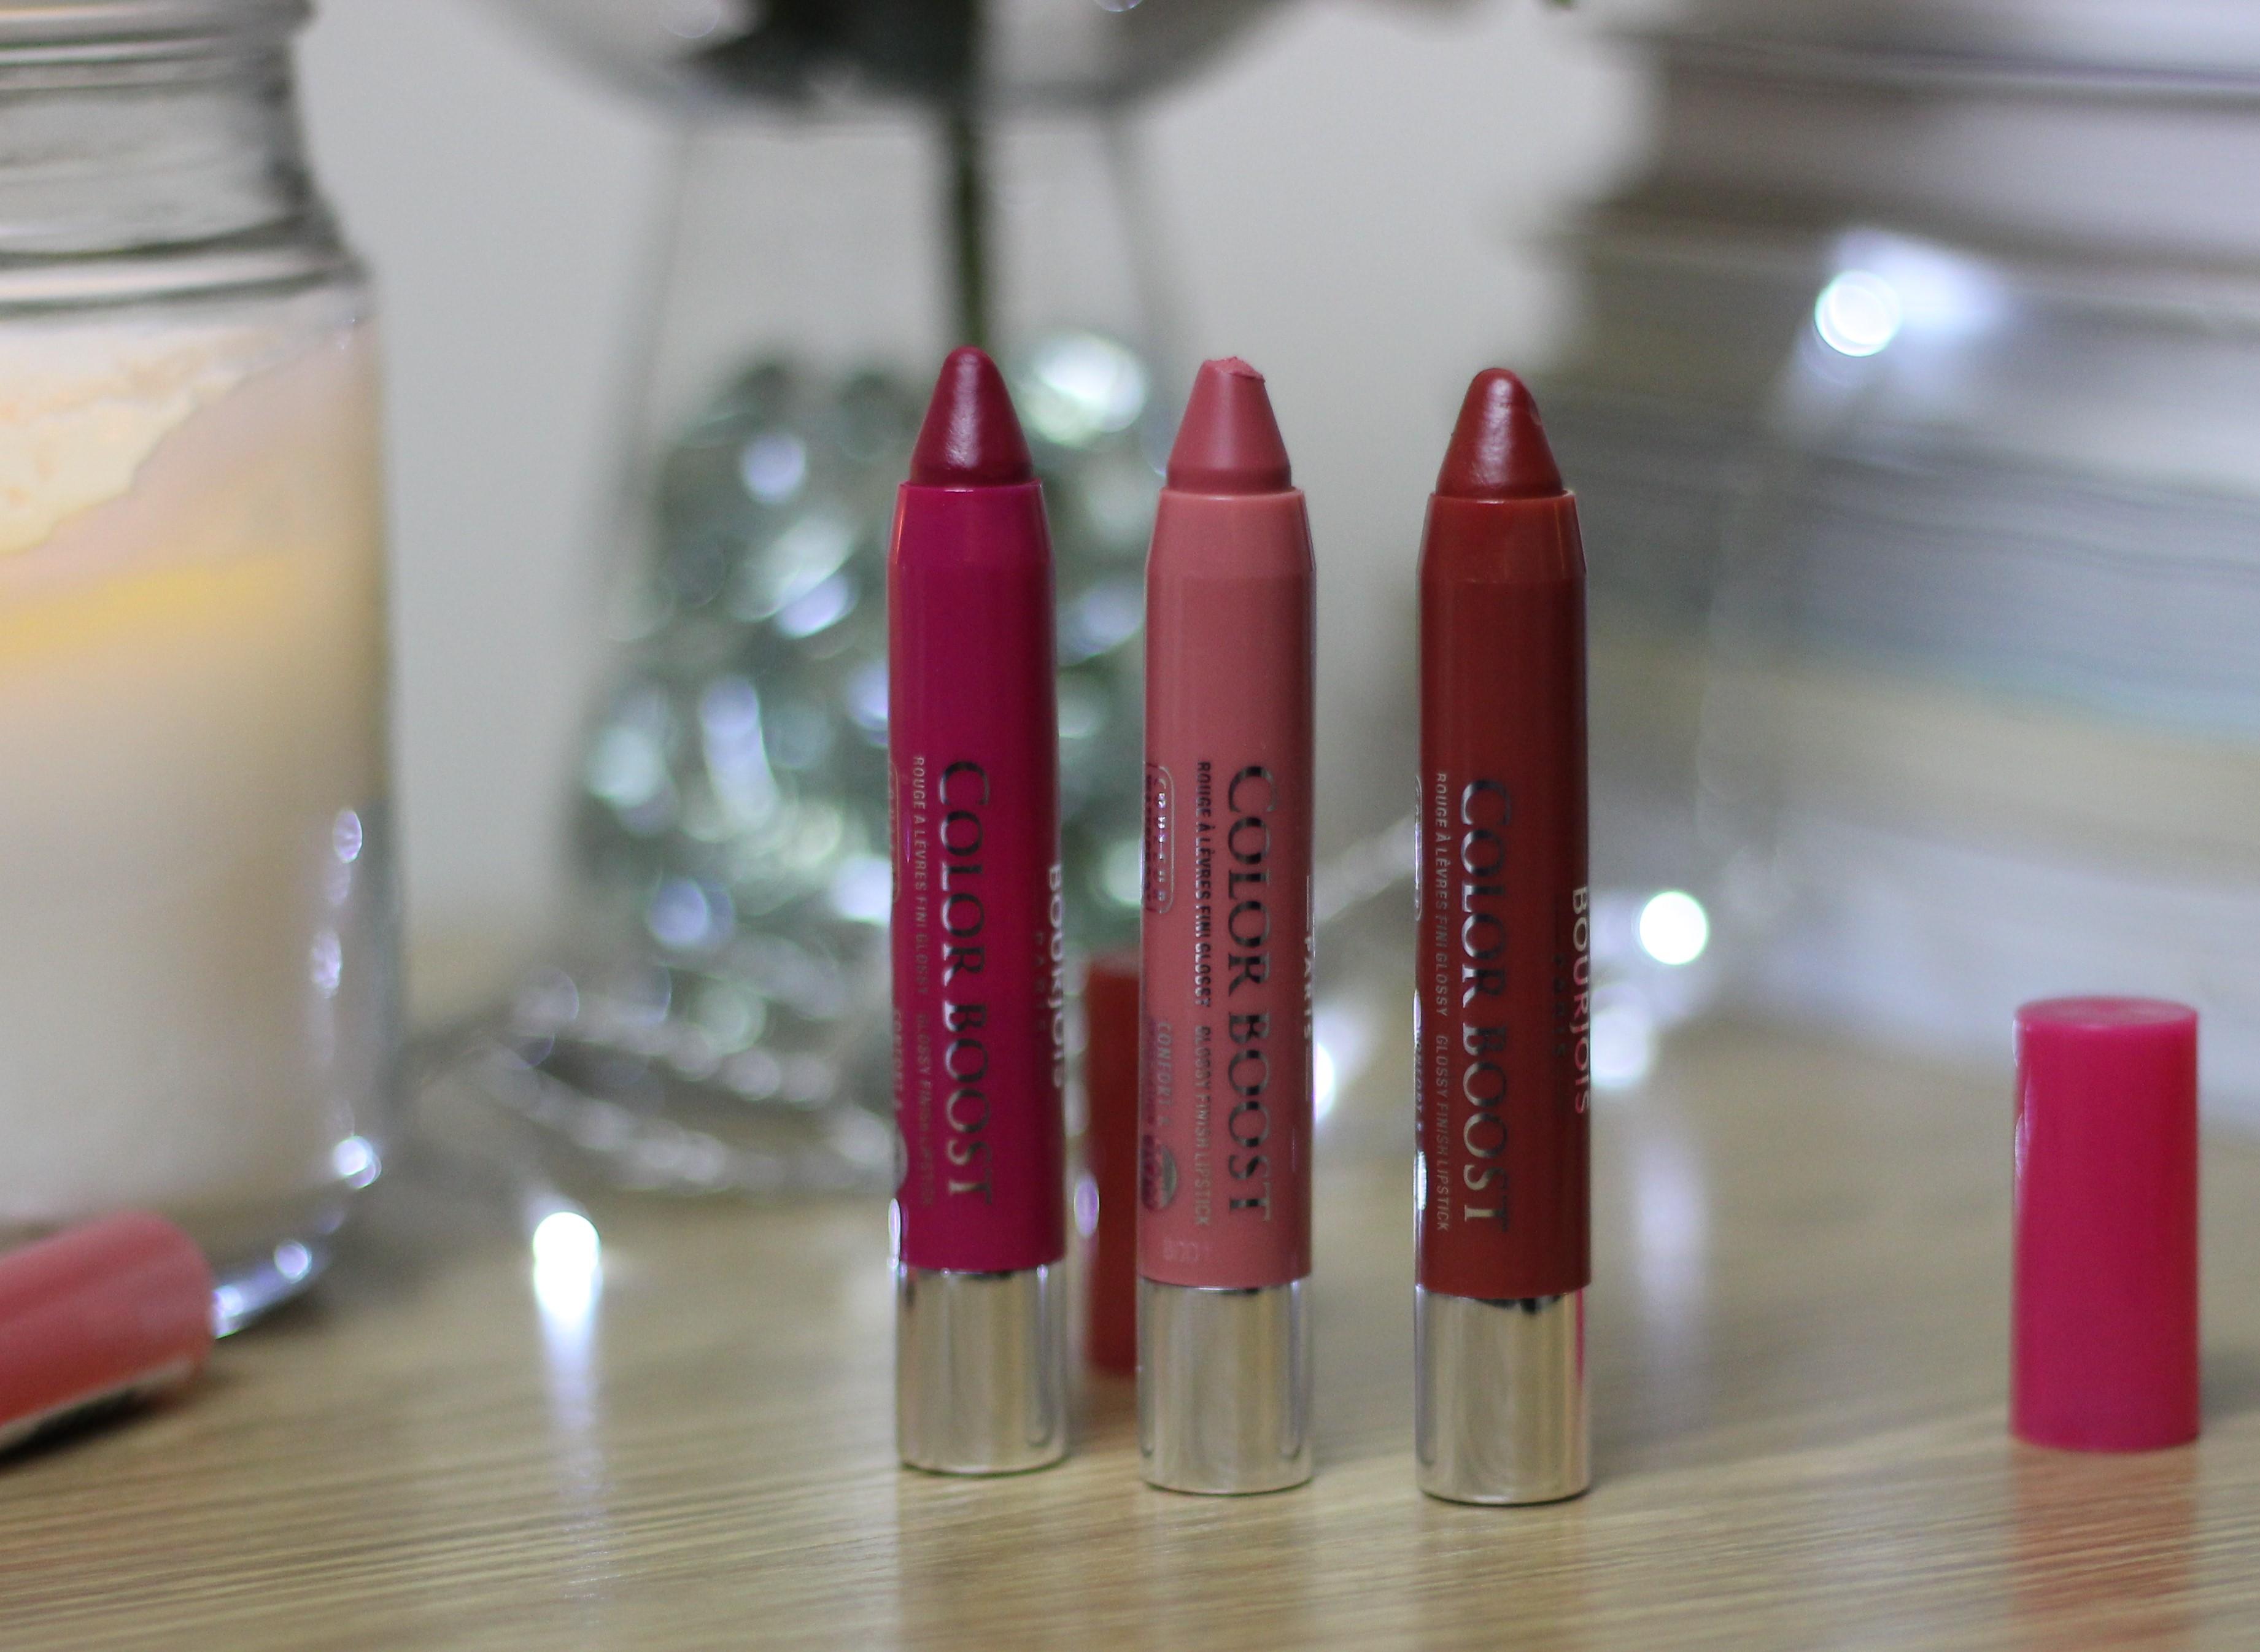 bourjois colorboost lip crayons - Bourjois Color Boost